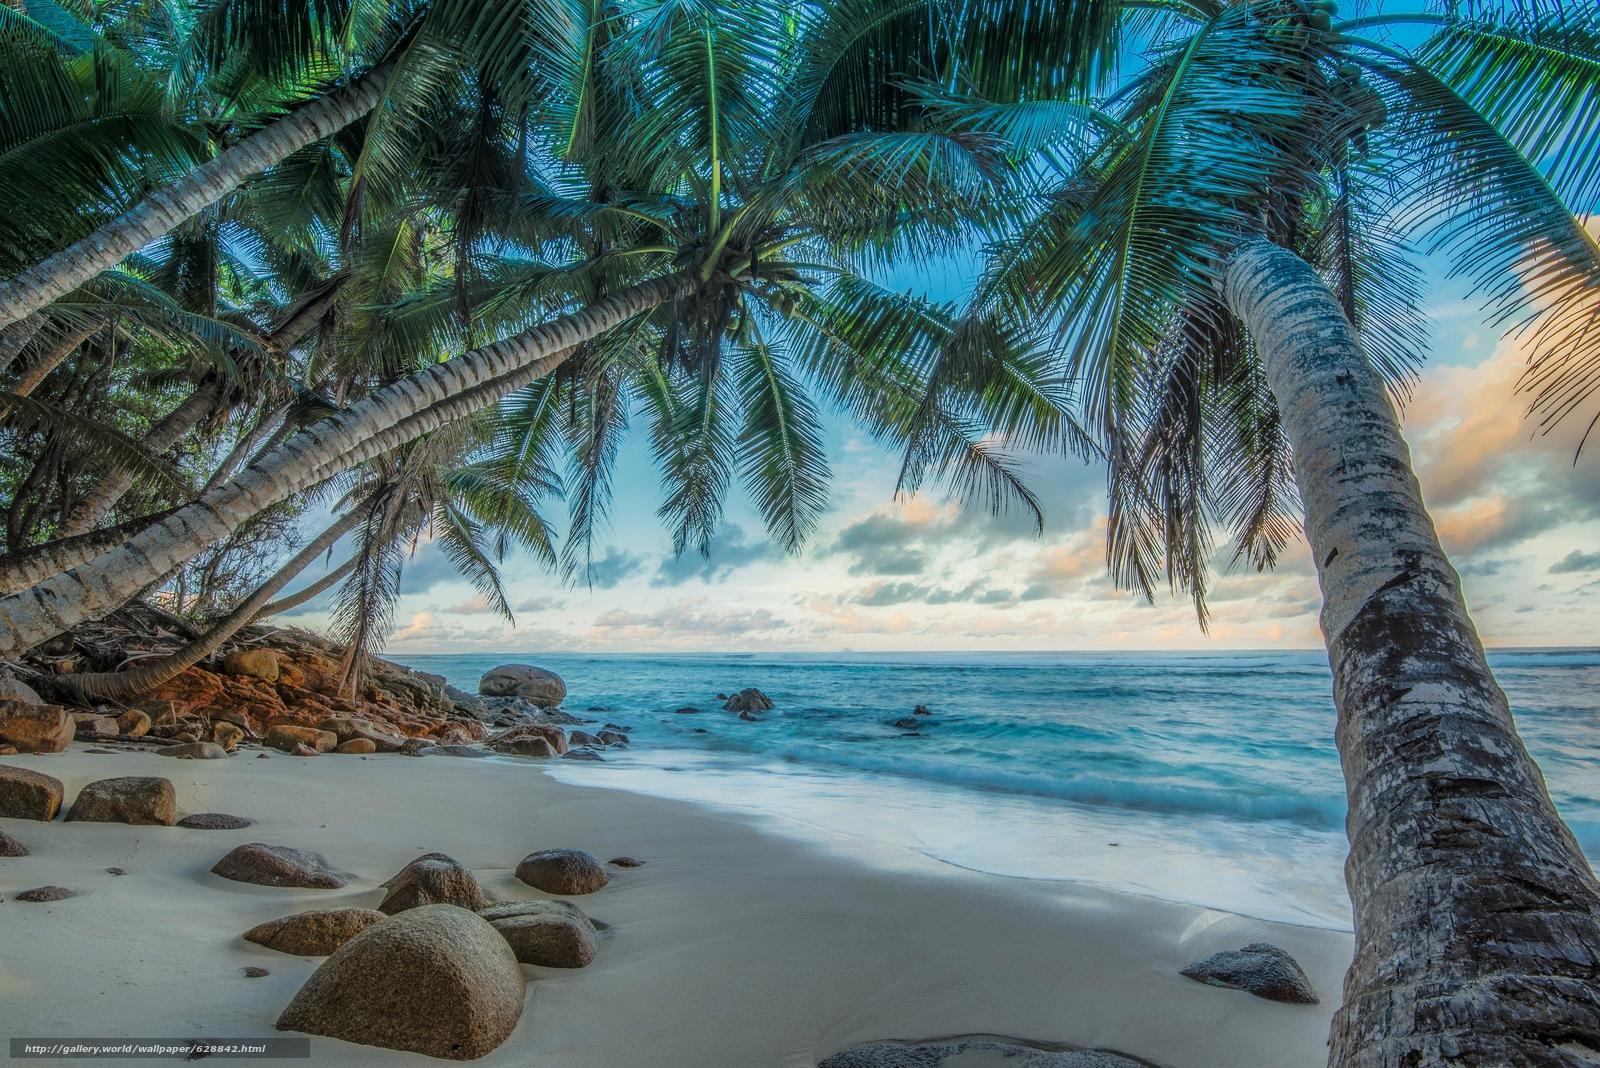 Seychelles, море, пальмы, берег, камни, пейзаж